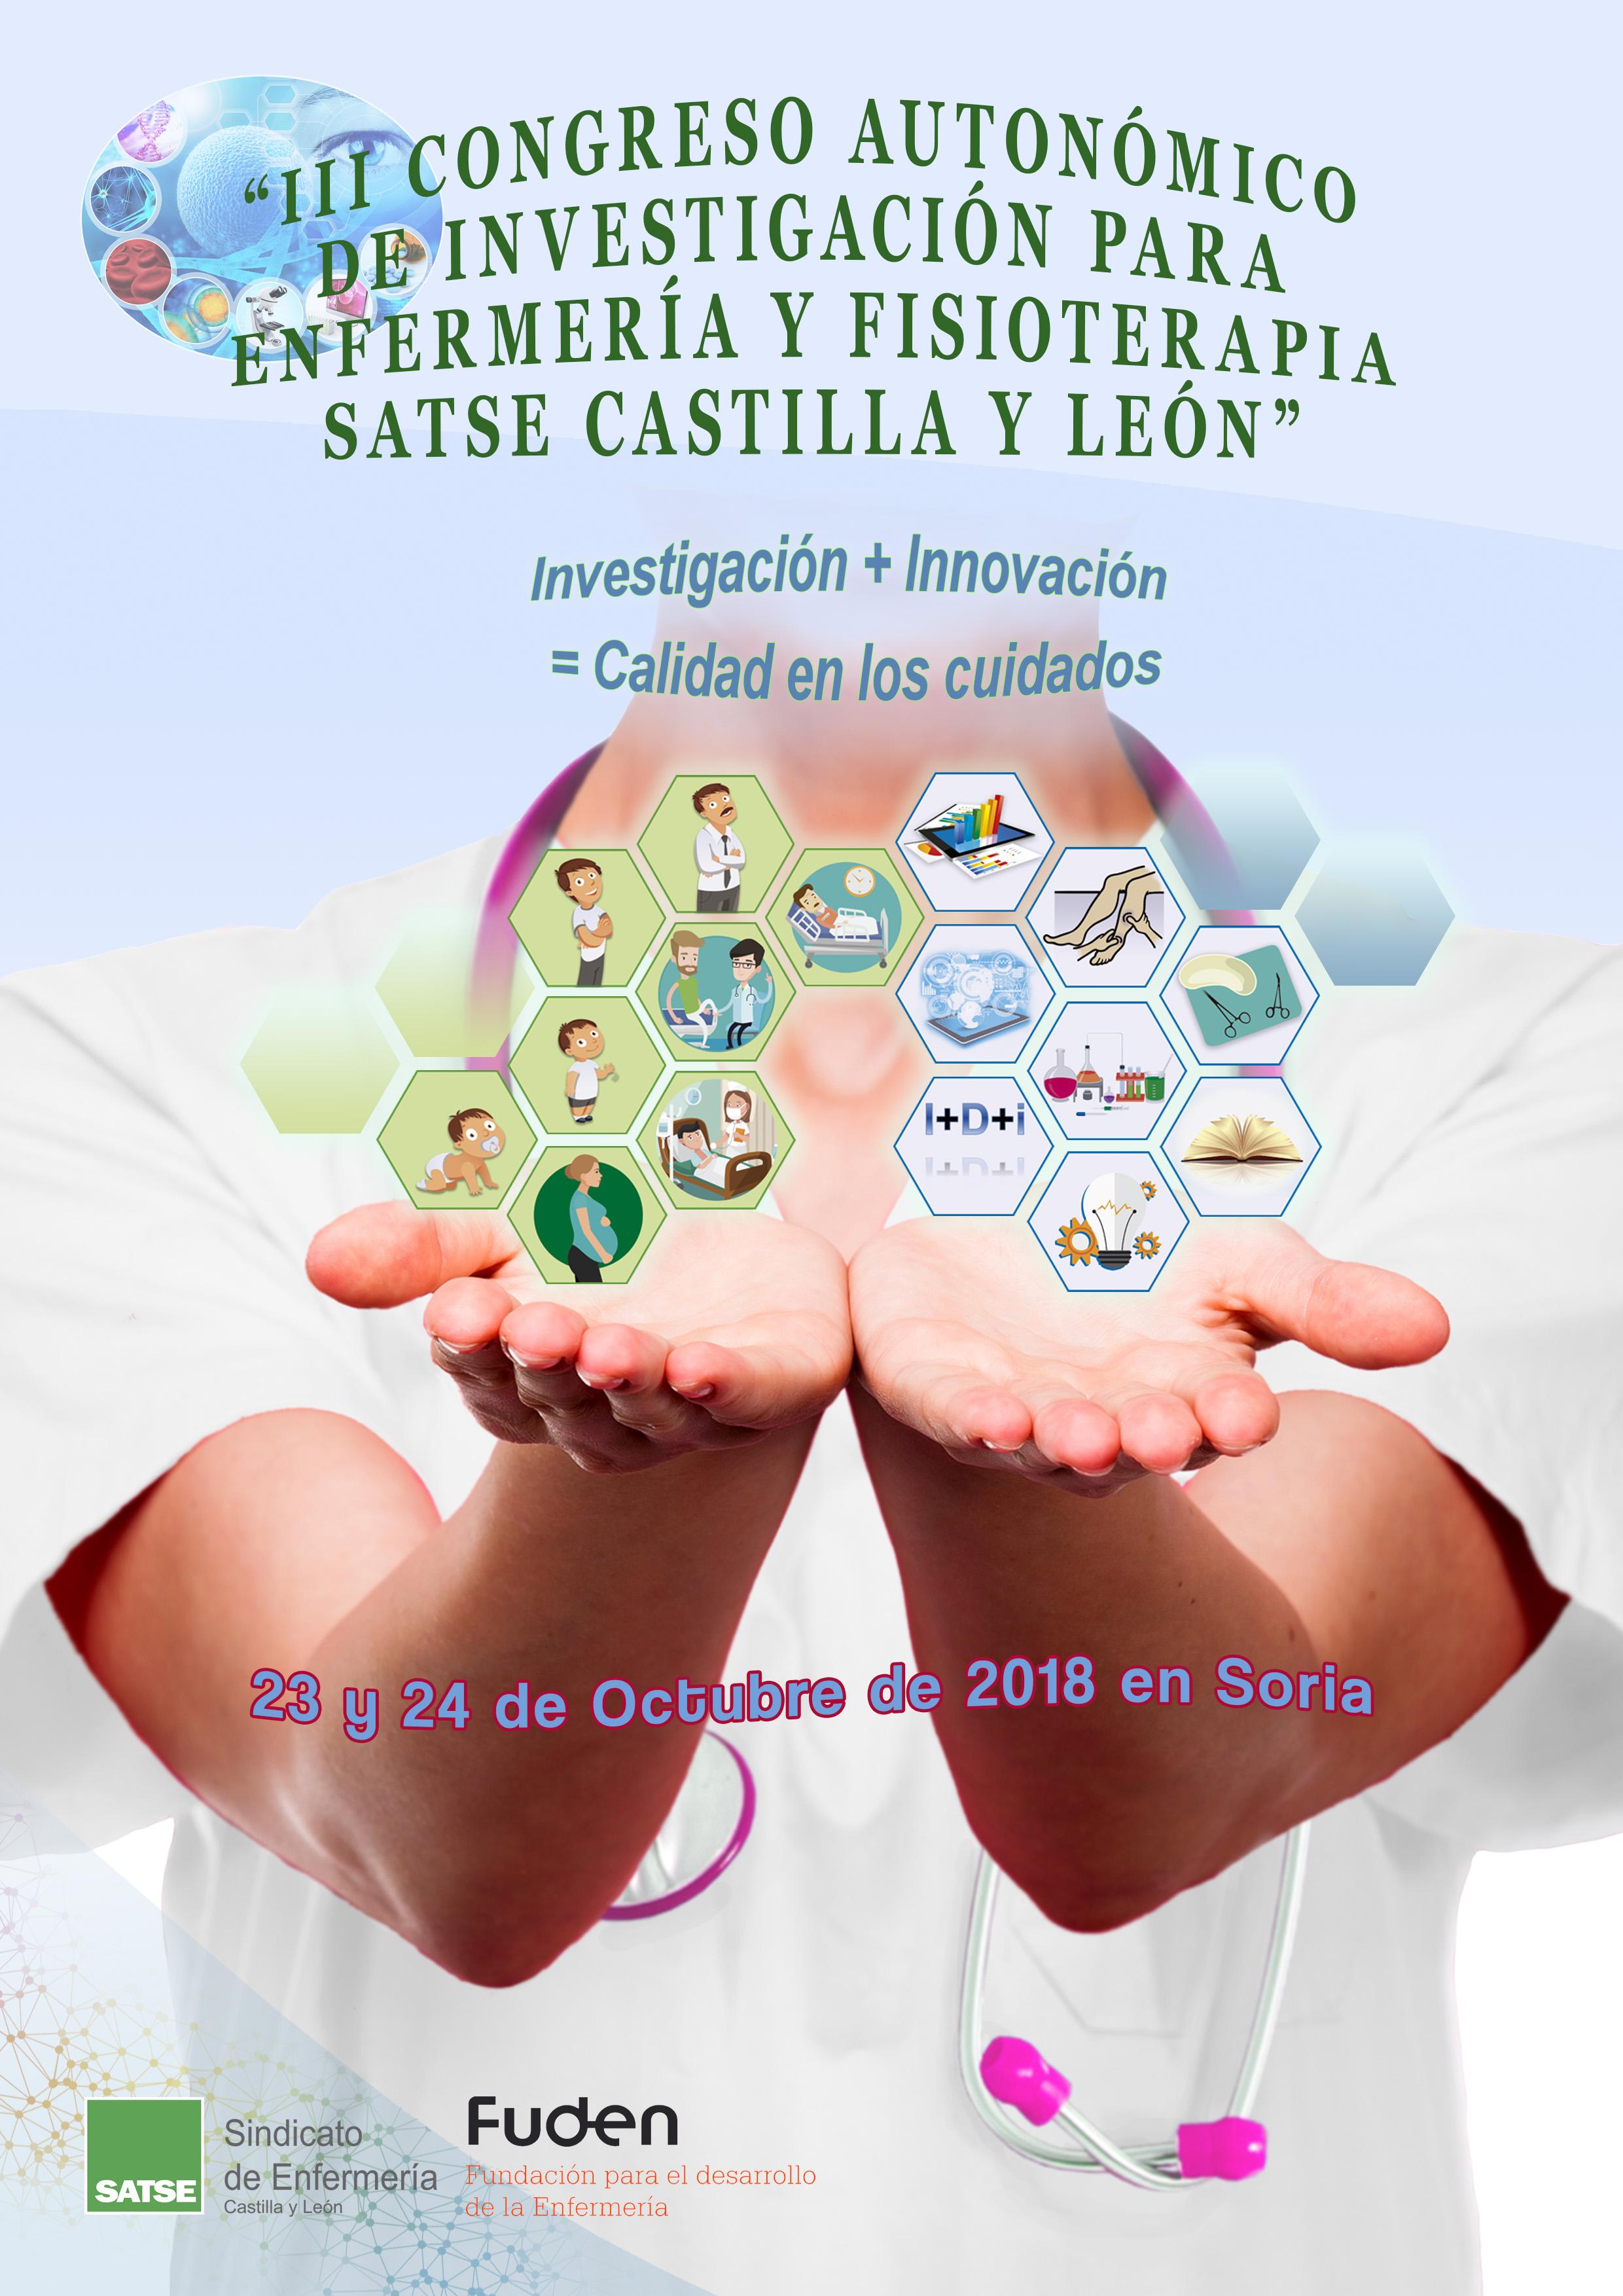 III CONGRESO AUTONÓMICO DE INVESTIGACIÓN PARA ENFERMERÍA Y FISIOTERAPIA SATSE CASTILLAY LEÓN